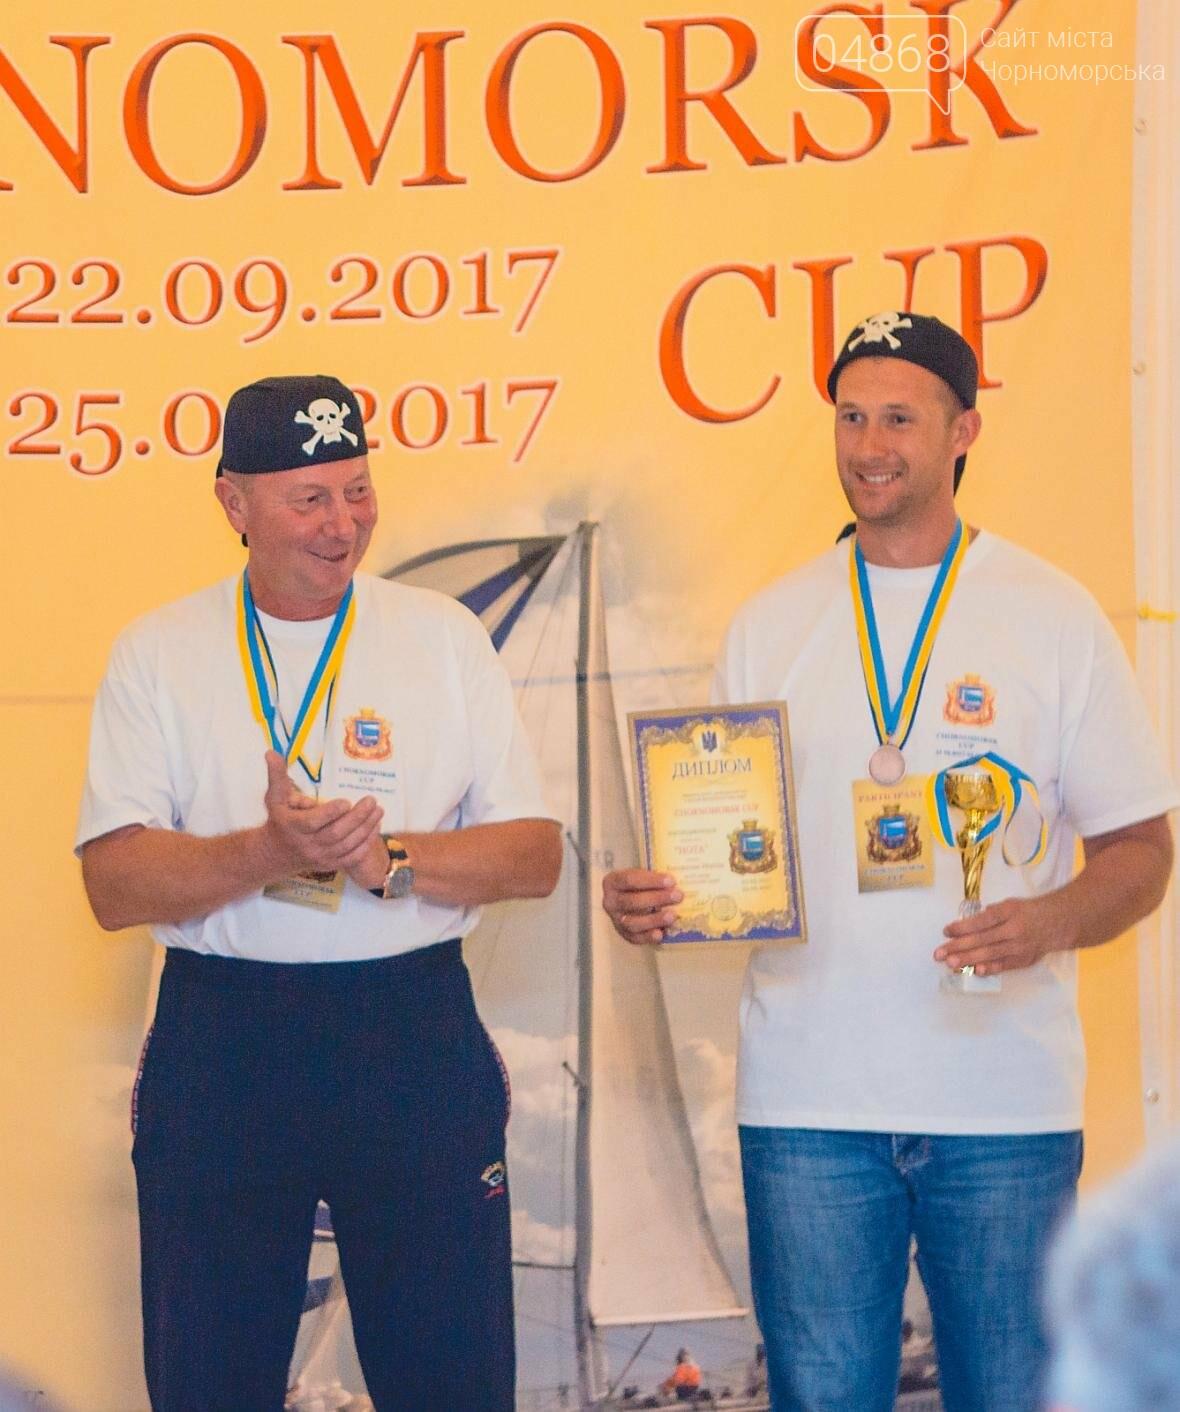 Во Дворце культуры состоялось торжественное награждение победителей первой парусной регаты «Кубок Черноморска» (+ФОТООТЧЁТ), фото-27